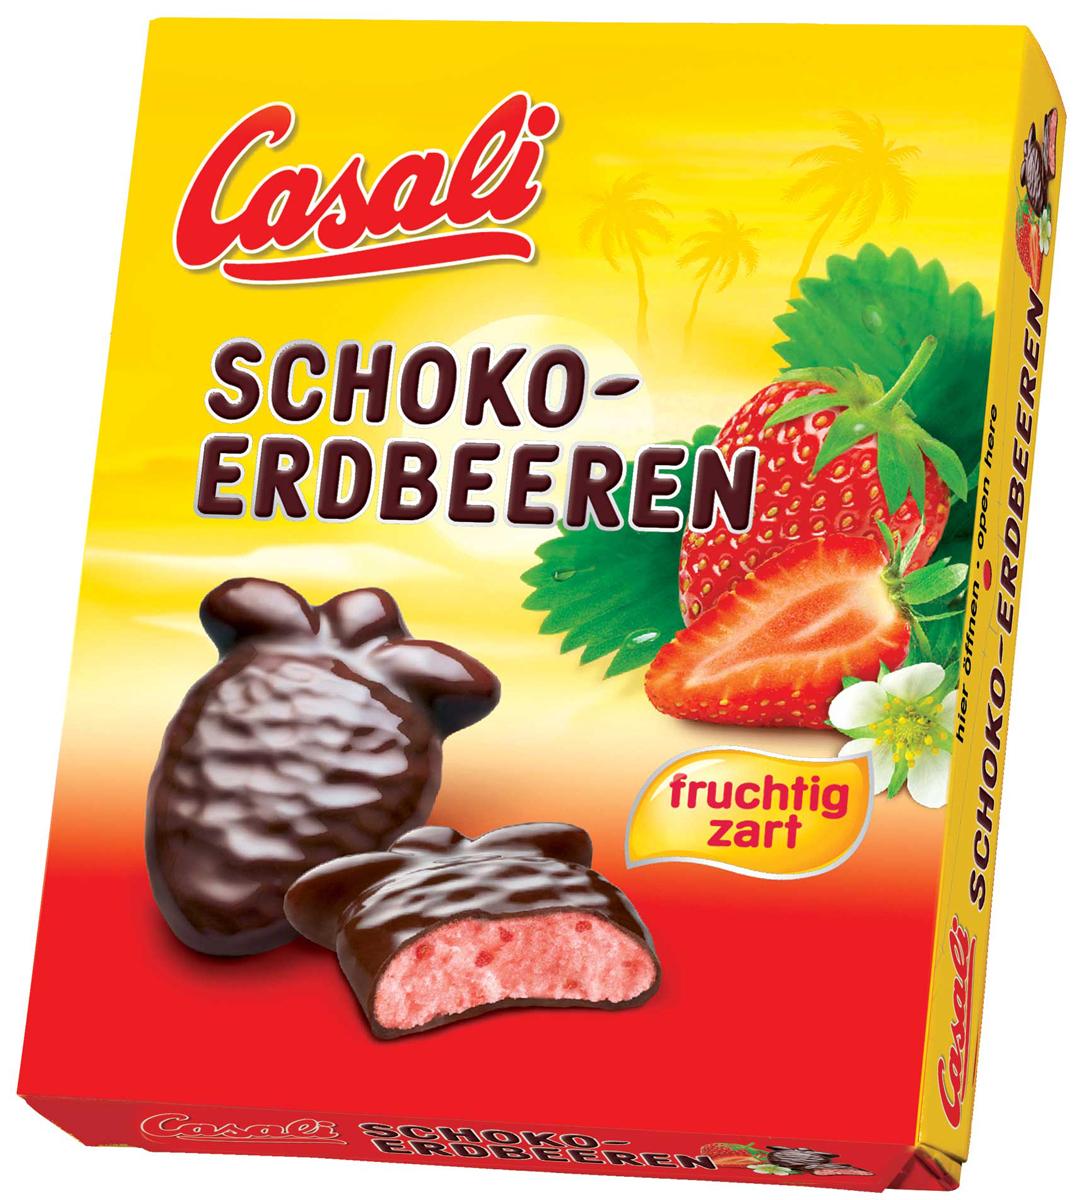 Casali Schoko-Erdbeeren суфле клубничное в шоколаде, 150 г